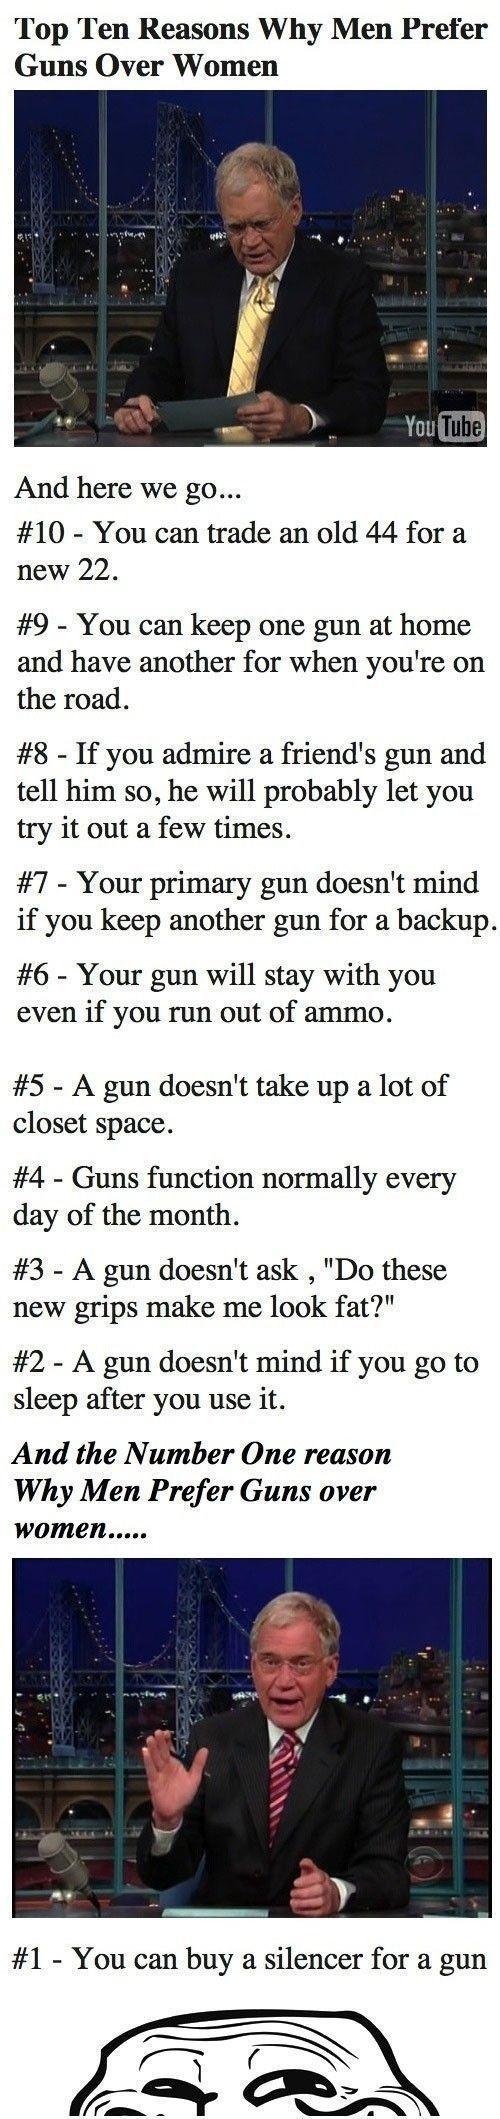 10 reasons men prefer guns to women